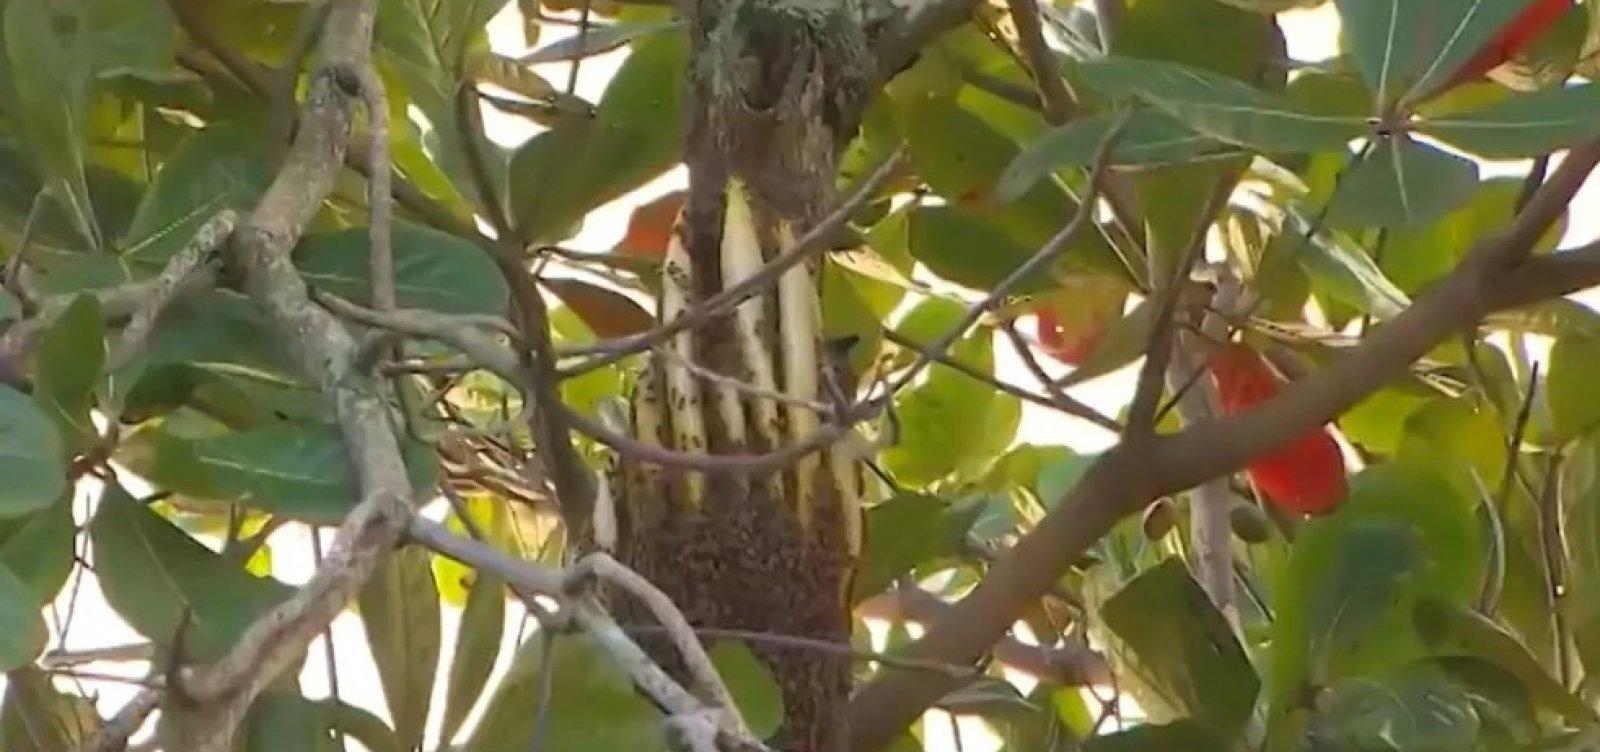 Moradores de Águas Claras se queixam de colmeia e relatam ataques de abelhas